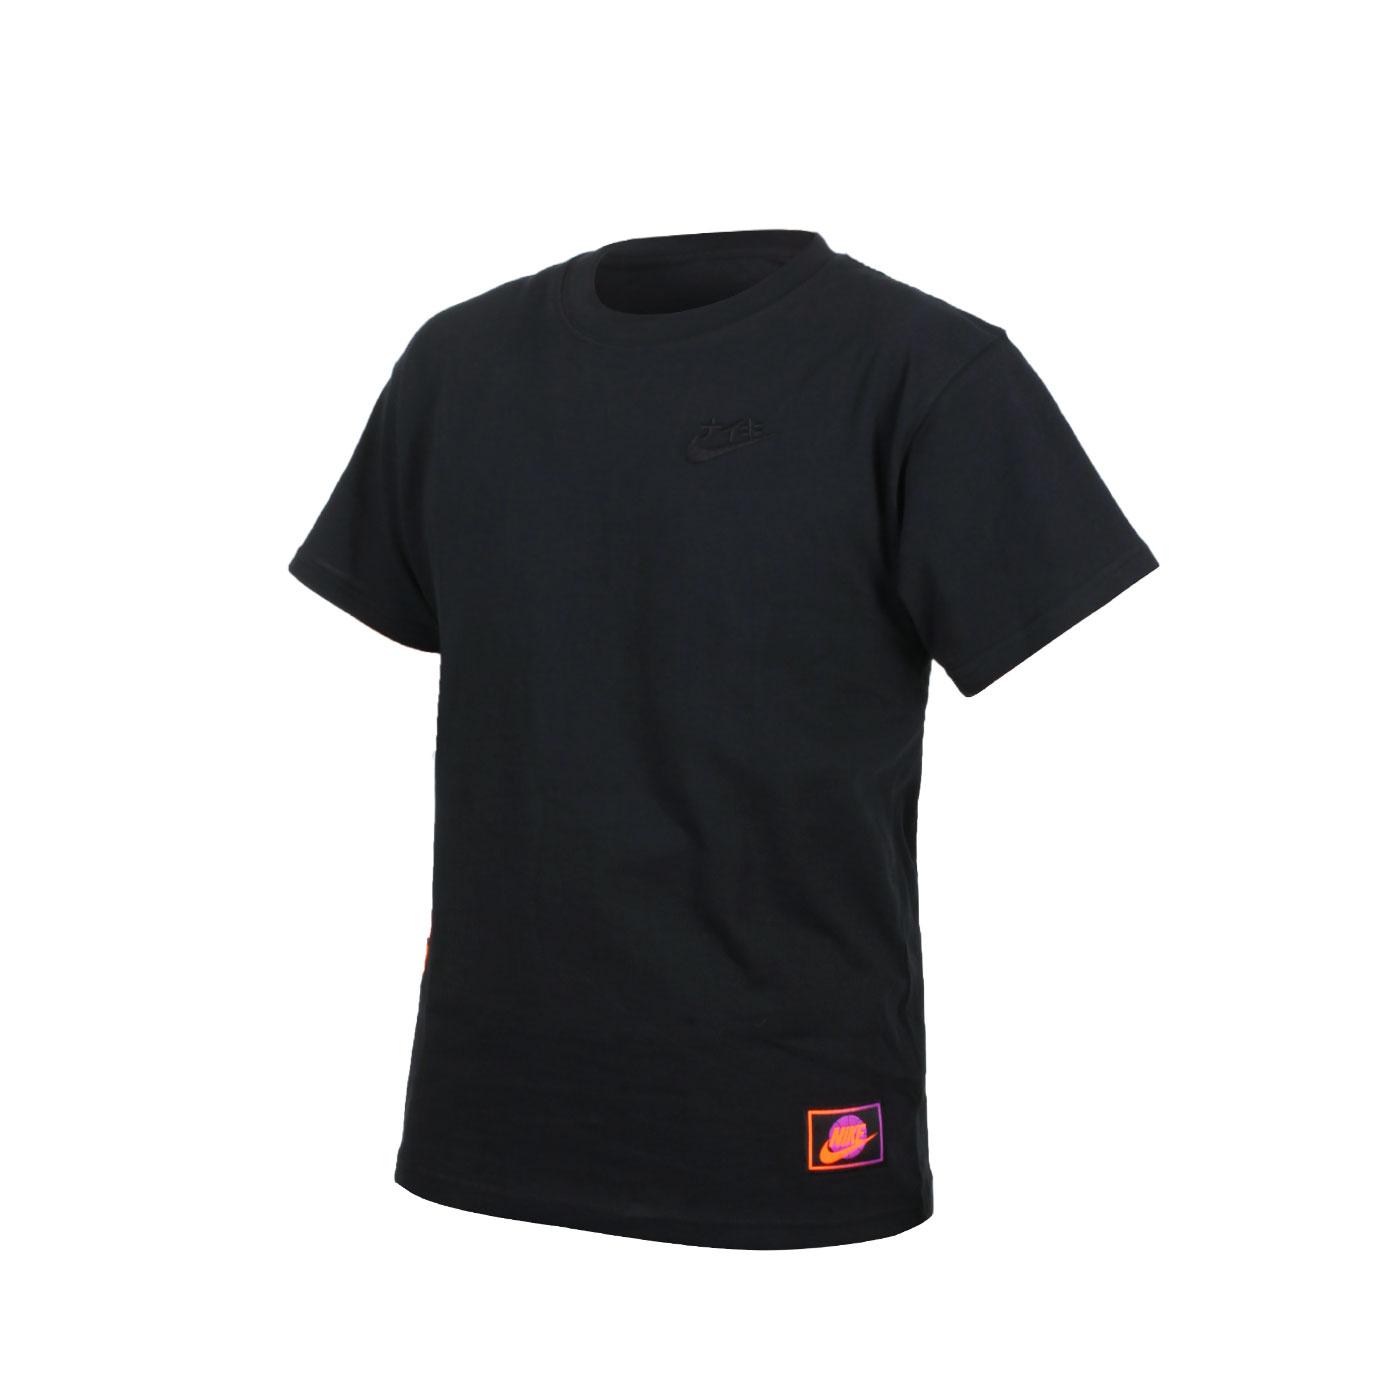 NIKE 男款短袖T恤 CV1088-010